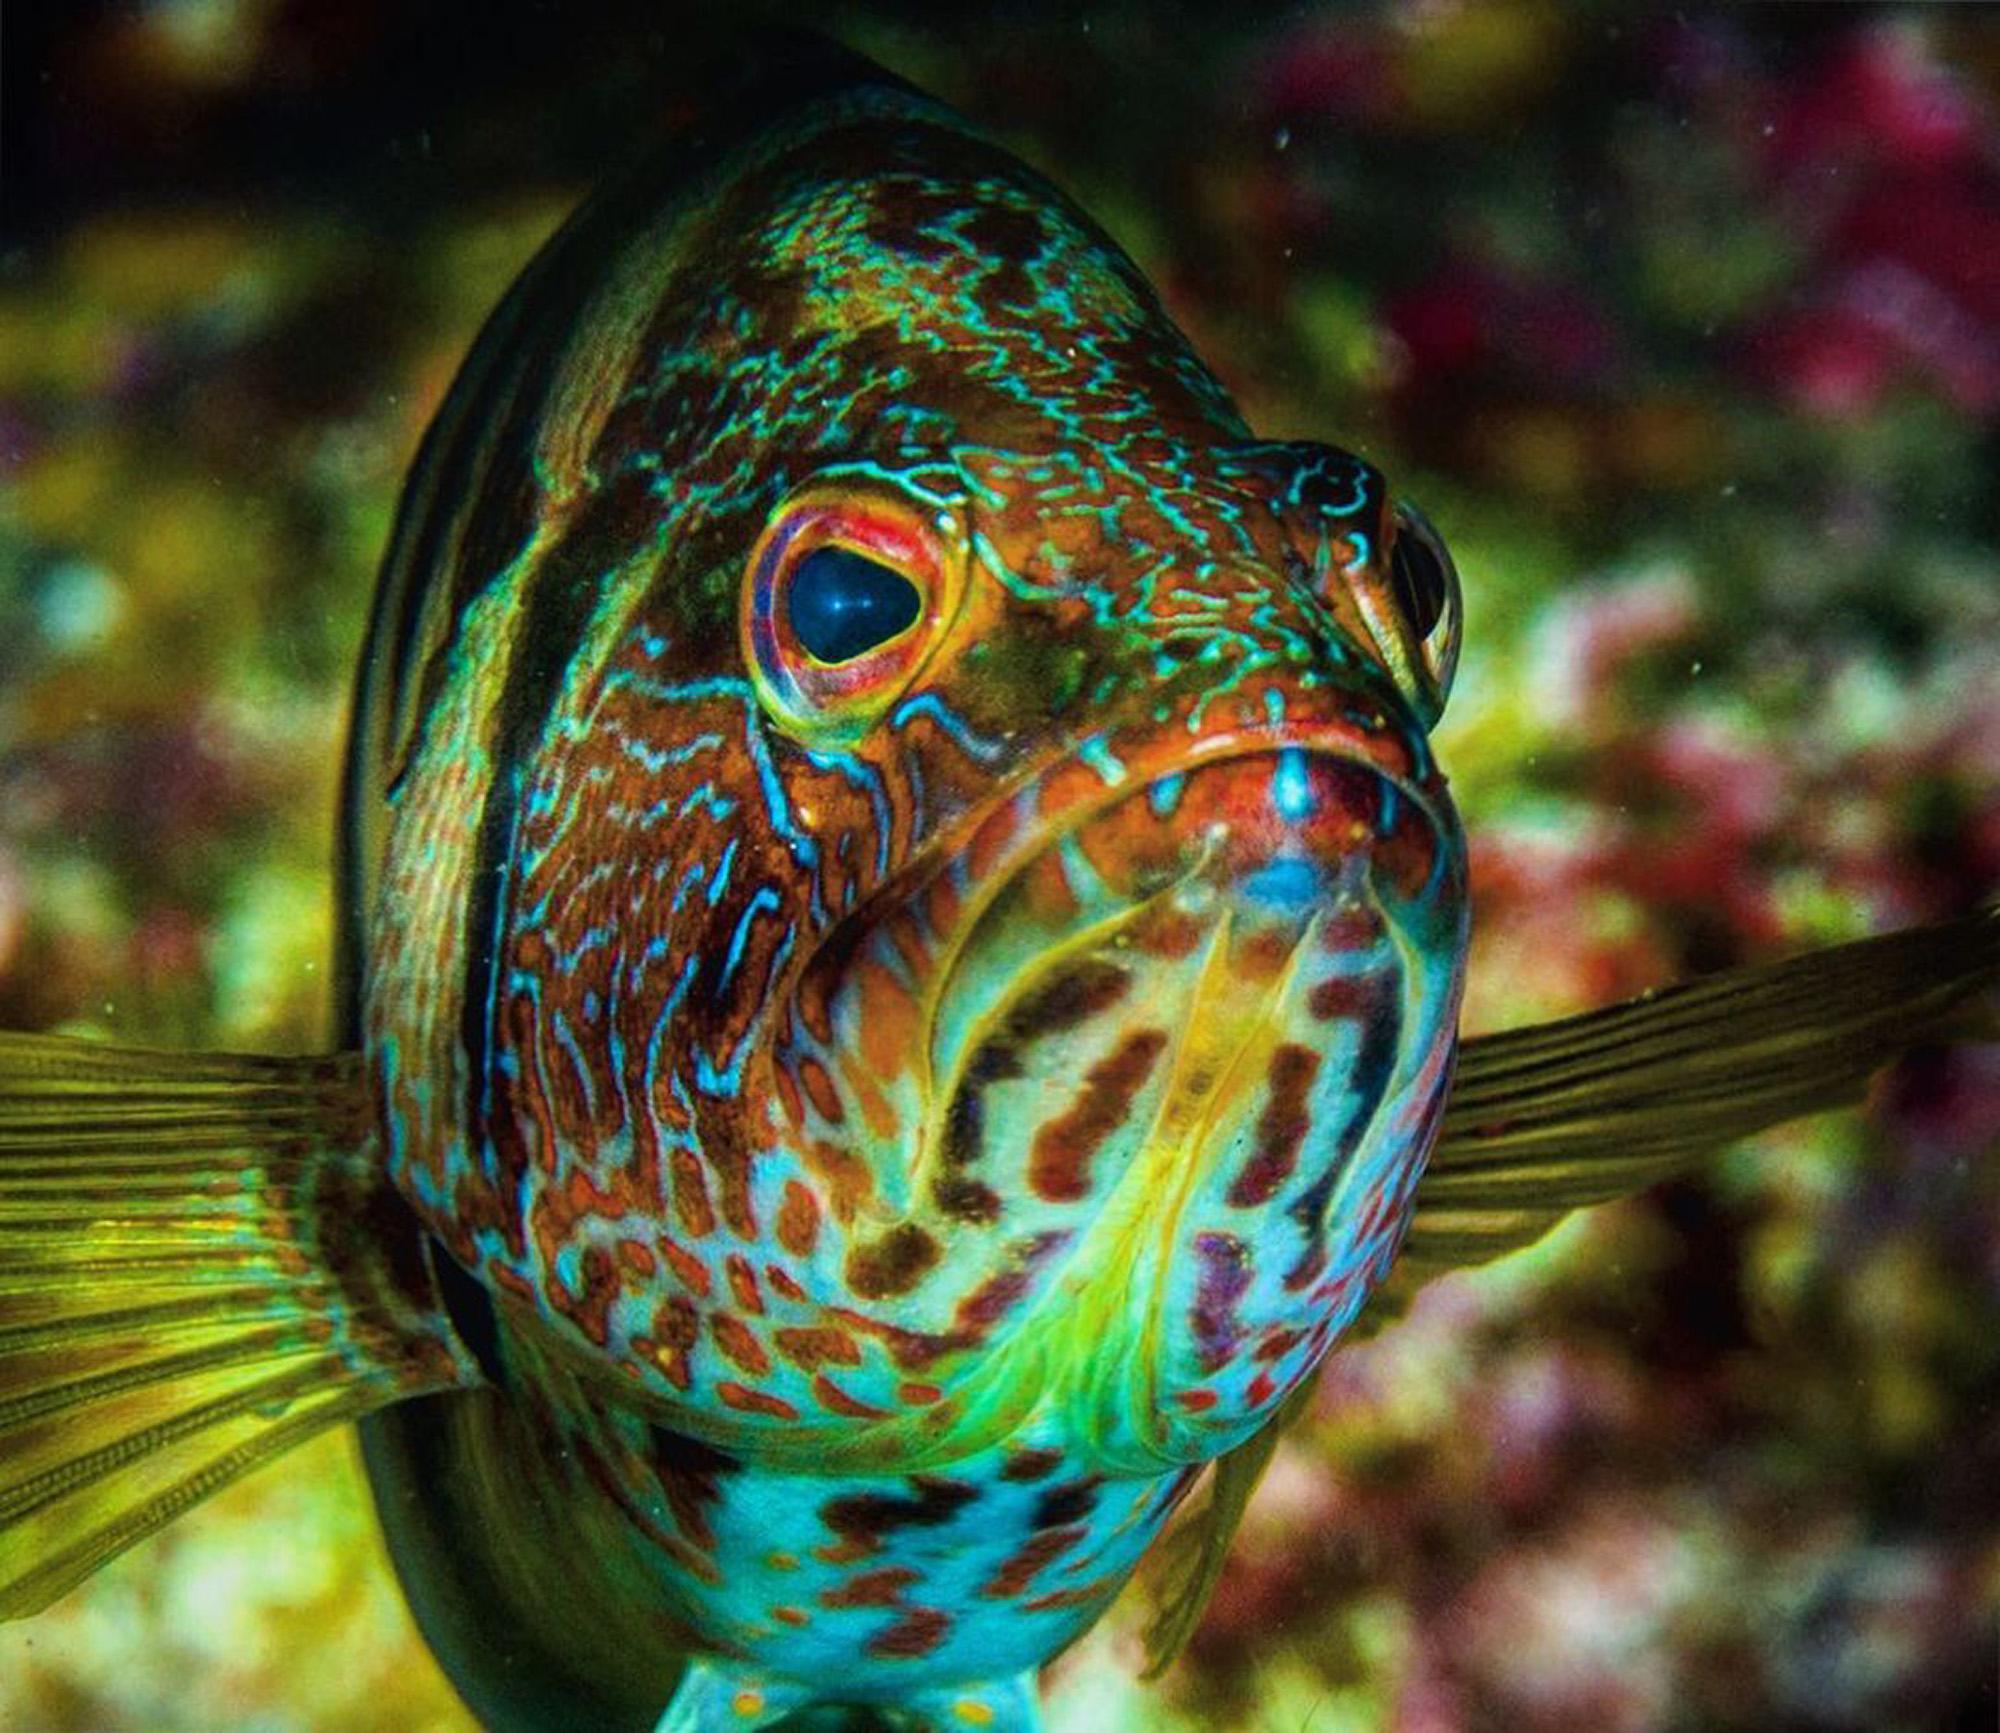 ¡Mírenlos mientras puedan! Tributo fotográfico de los hábitats oceánicos amenazados